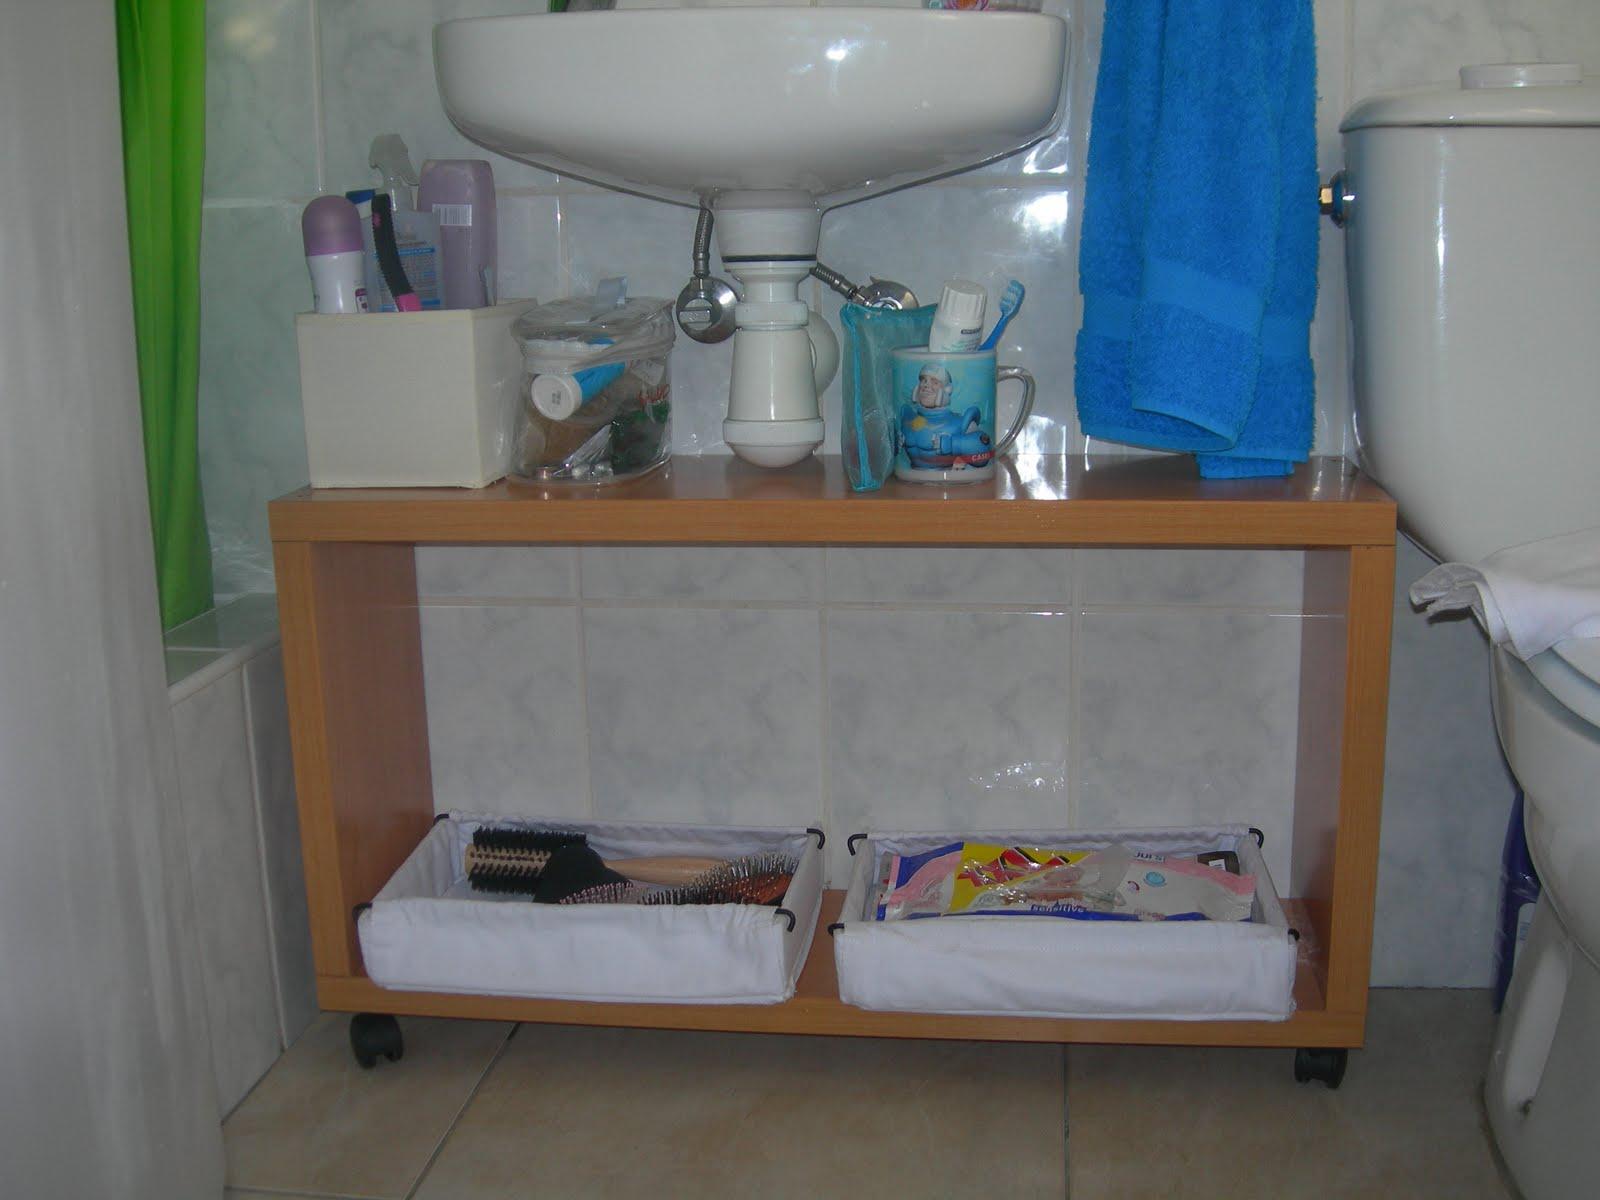 Bricolaje hazlo tu mismo final mueble bajo lavabo for Mueble bajo lavabo carrefour